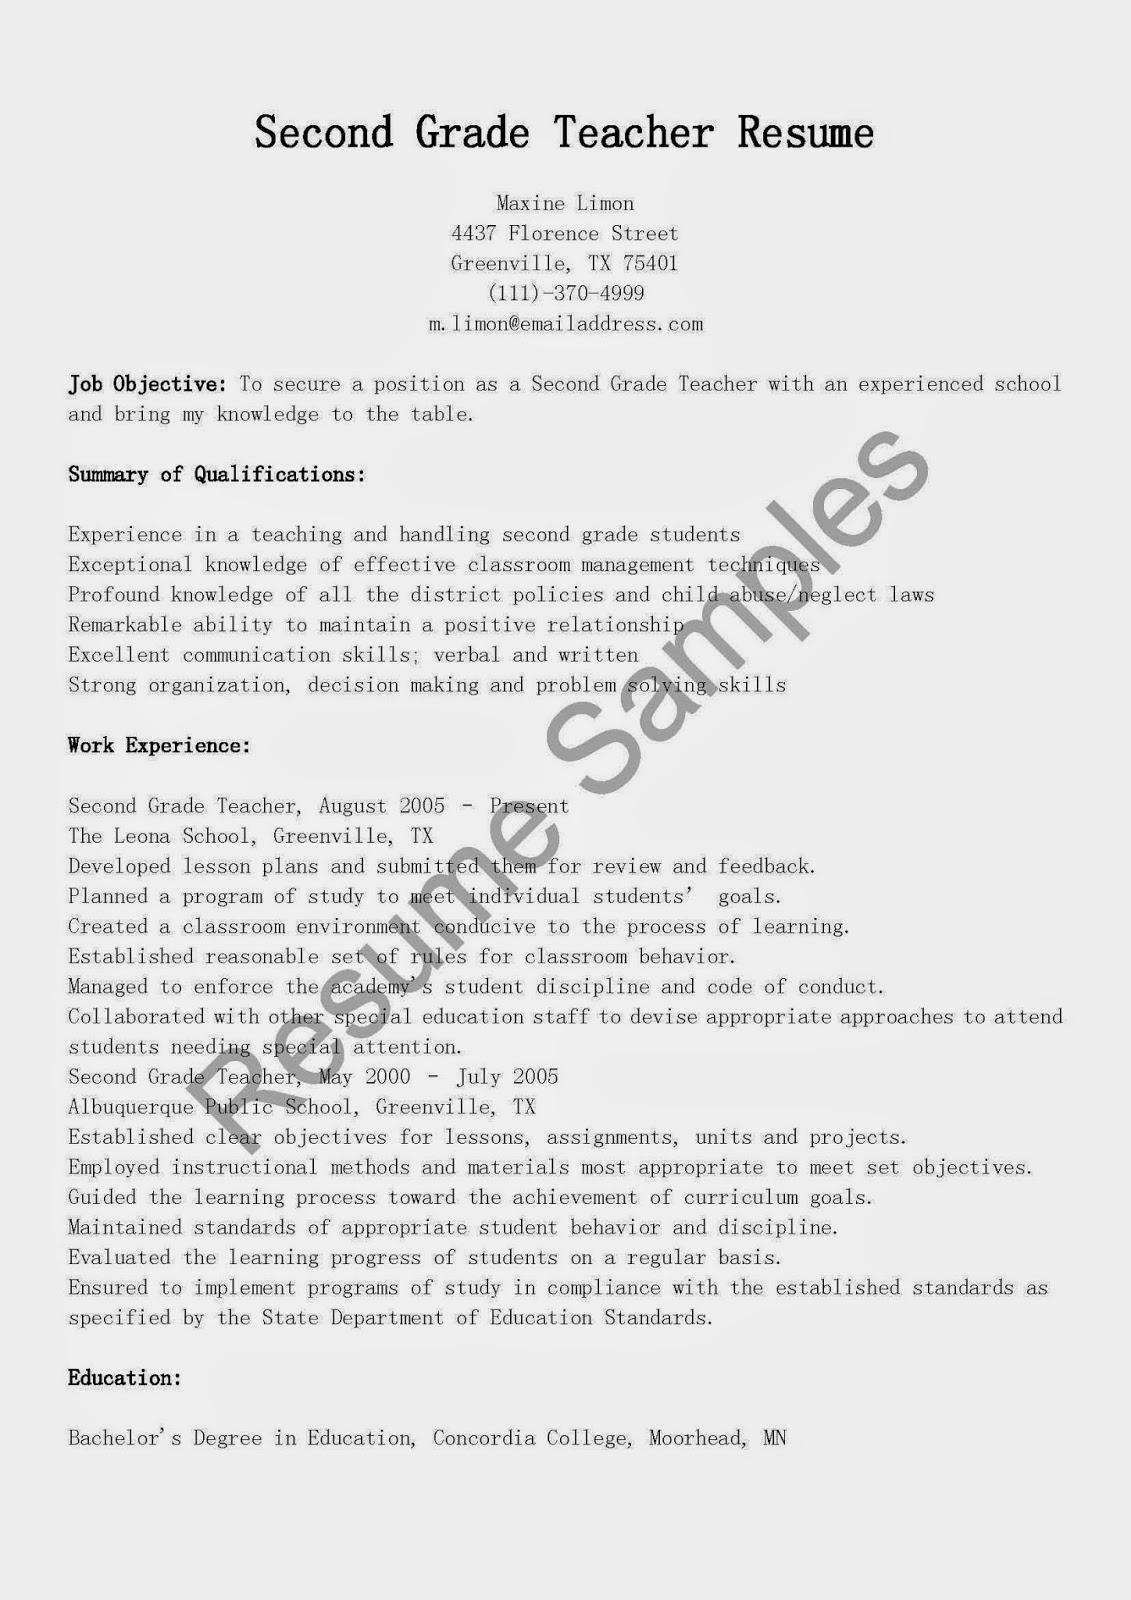 resume samples  second grade teacher resume sample